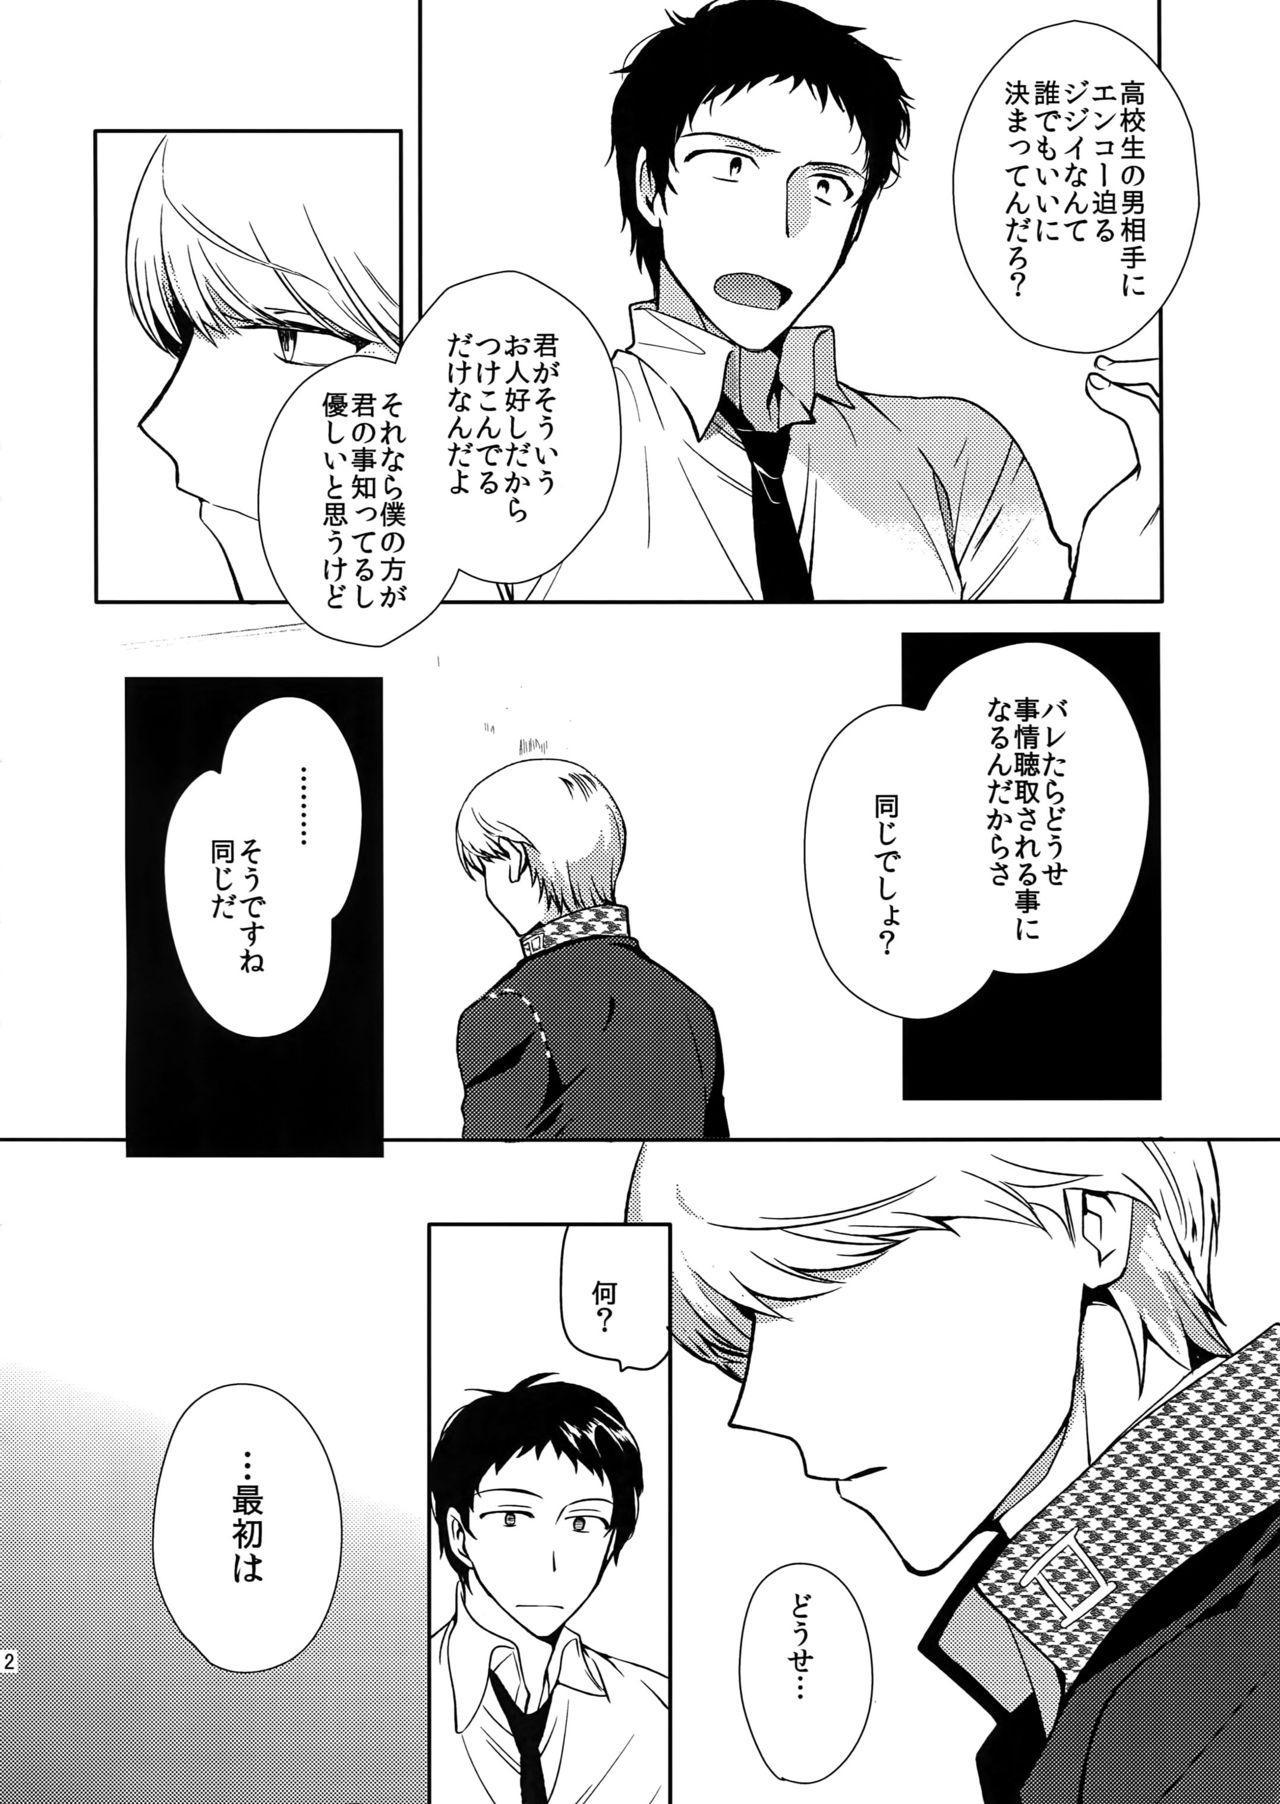 Inu no Fushimatsu 10